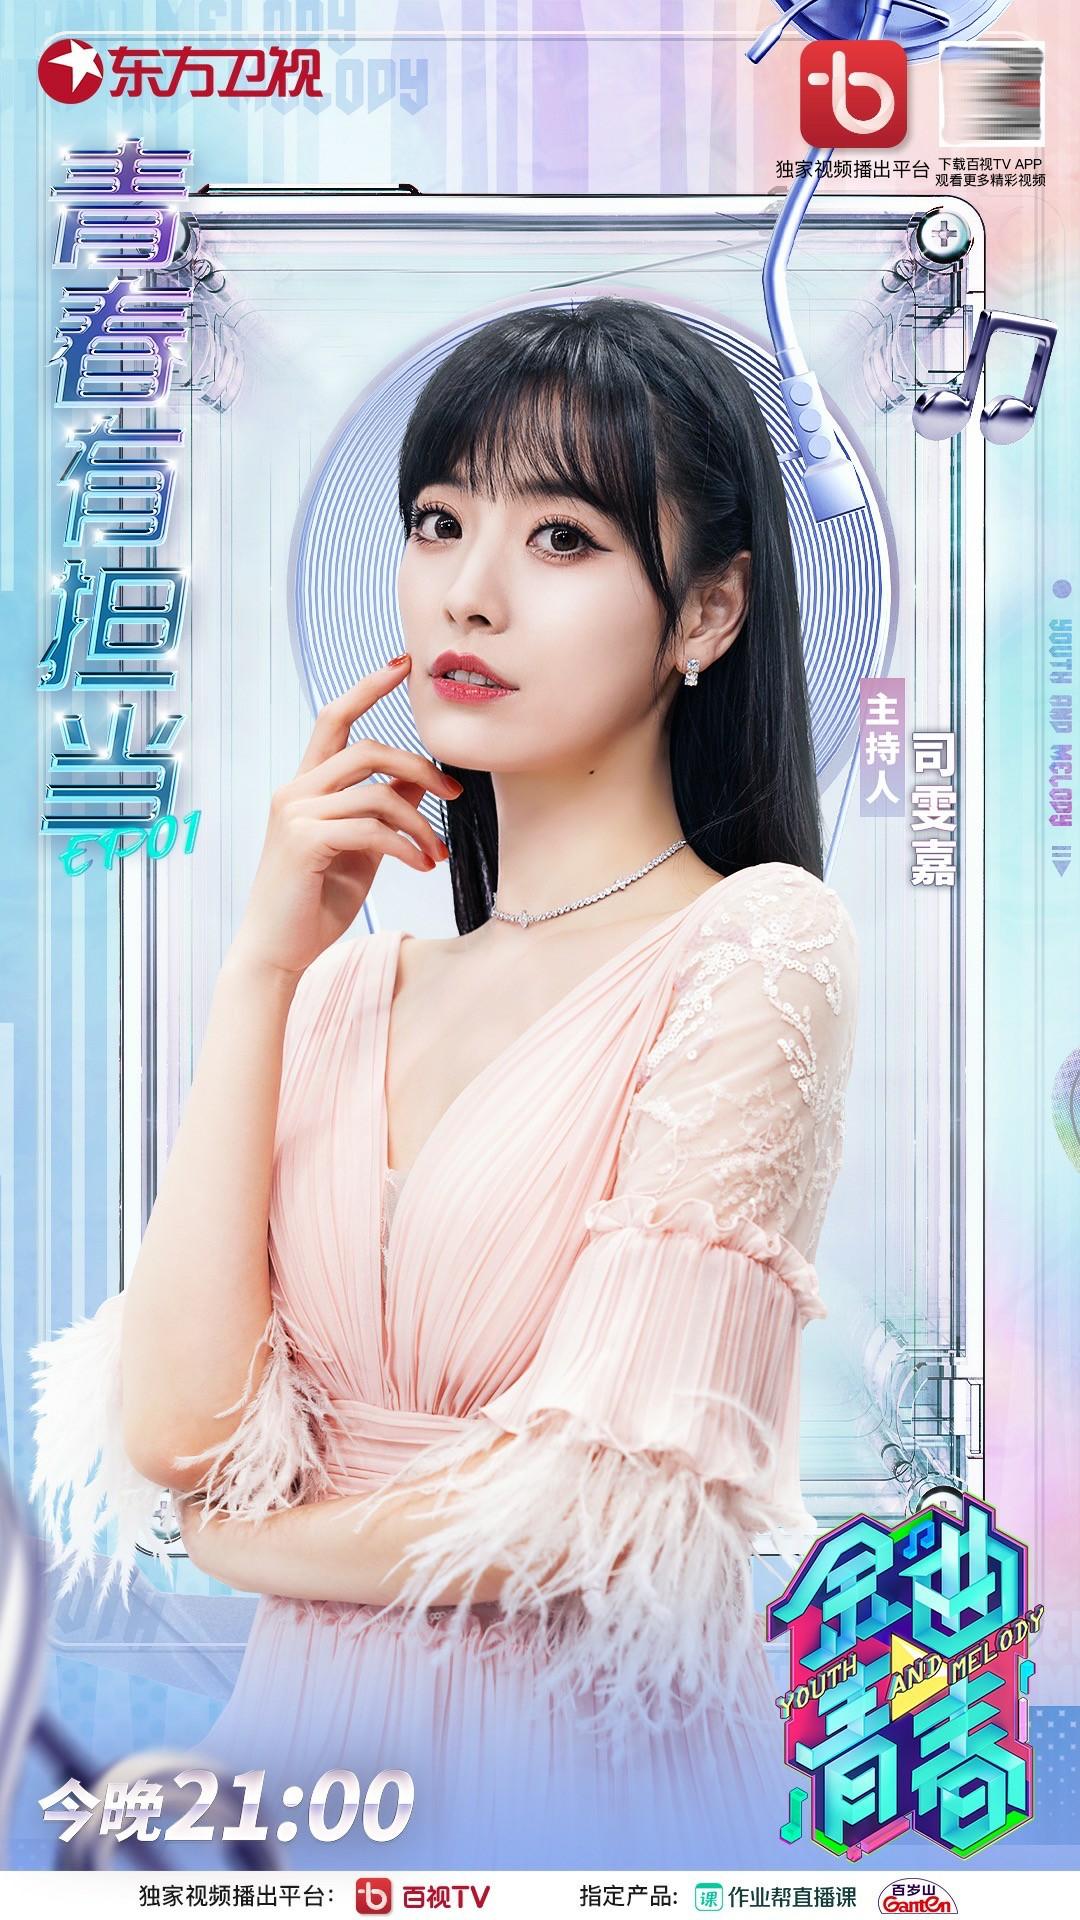 《金曲青春》司雯嘉再度主持热门音综